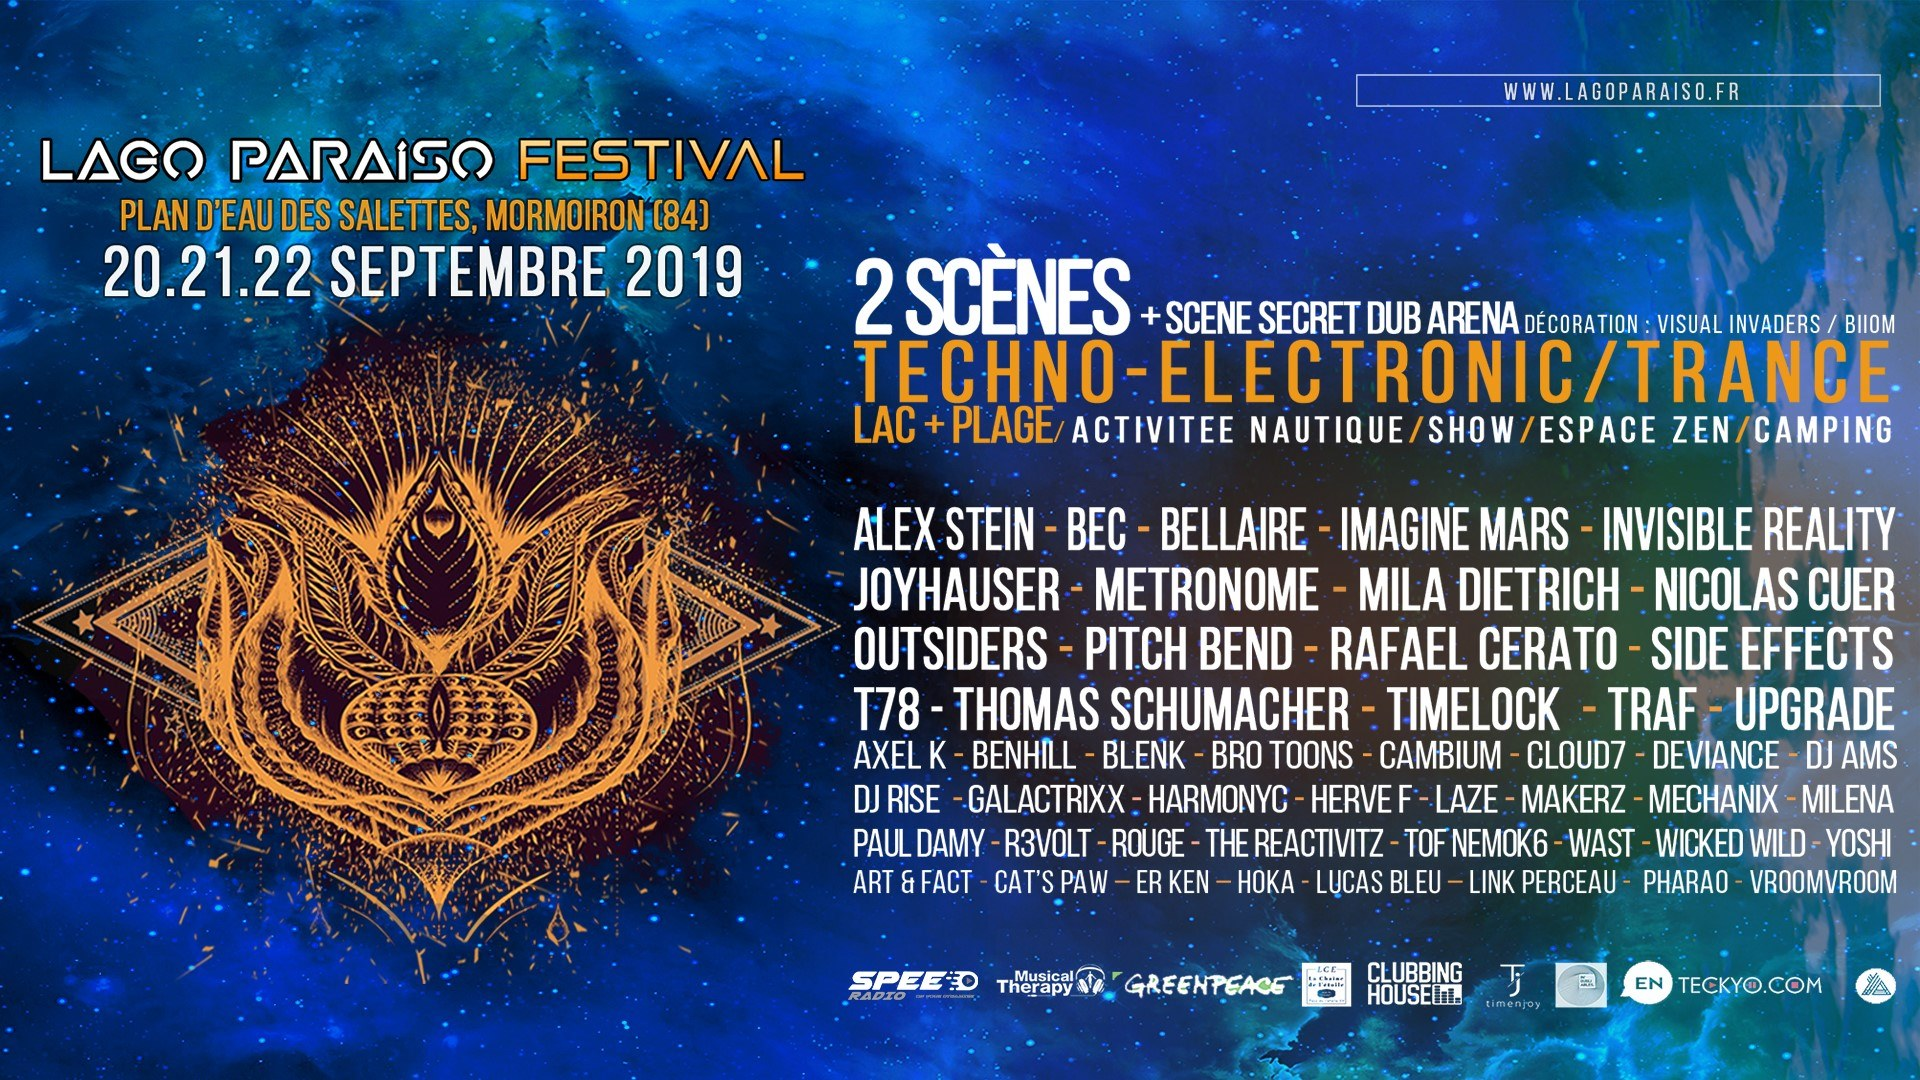 Lago Paraiso Festival 2019